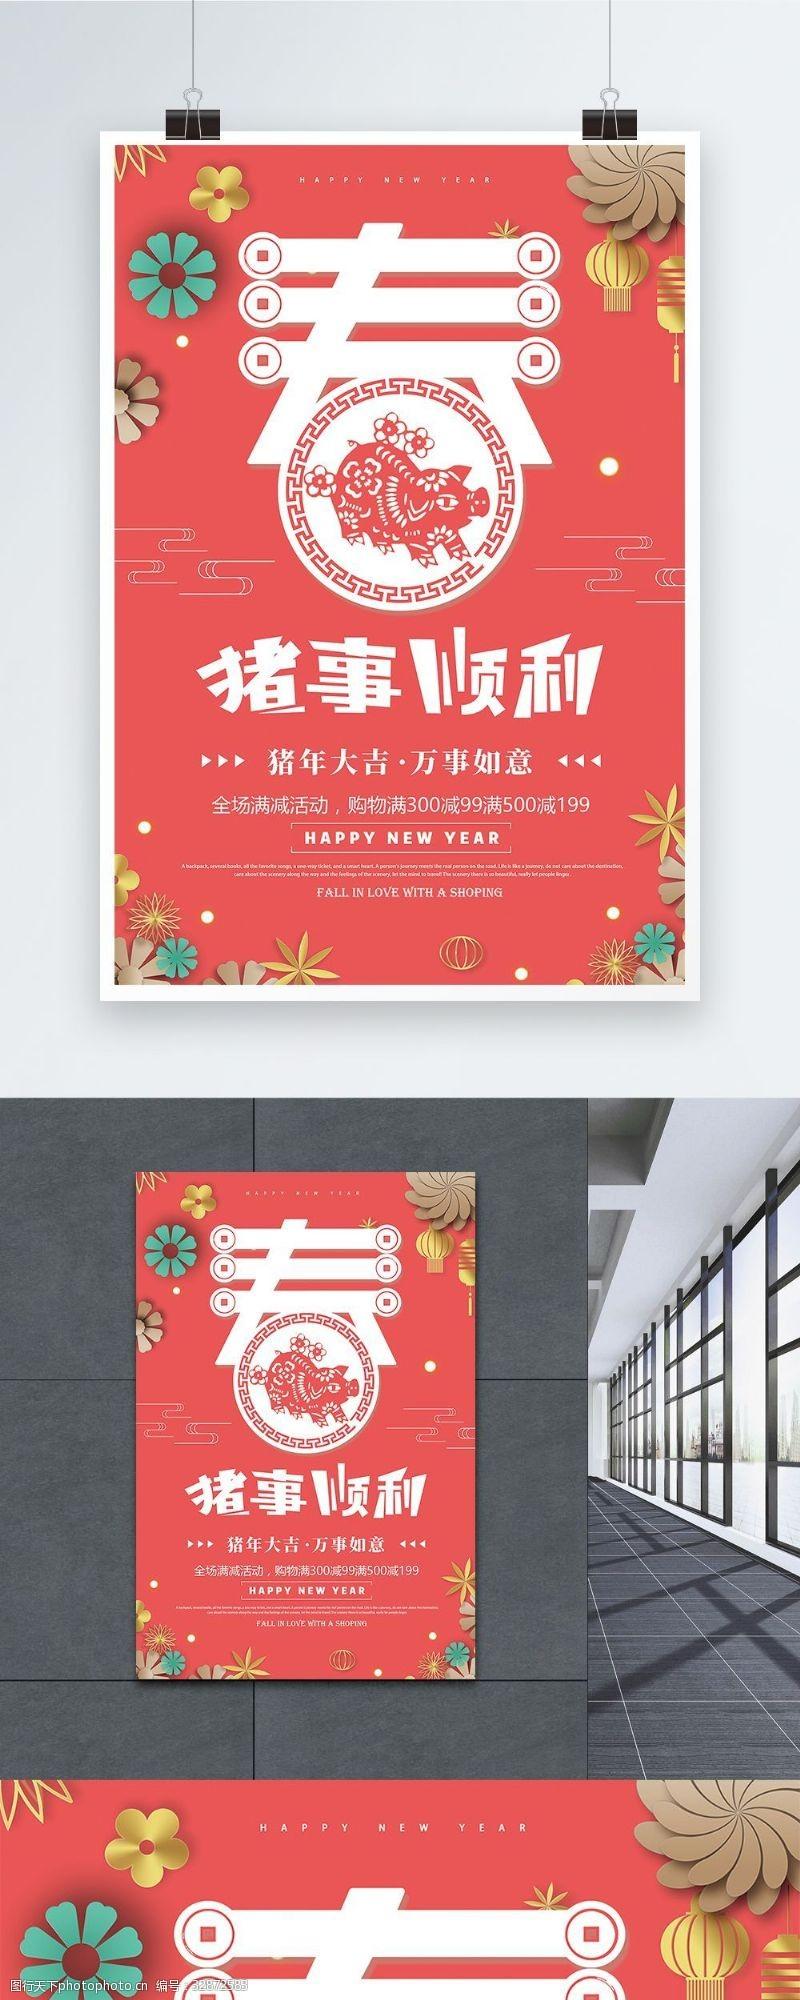 珊瑚粉2019豬事順利新年促銷海報